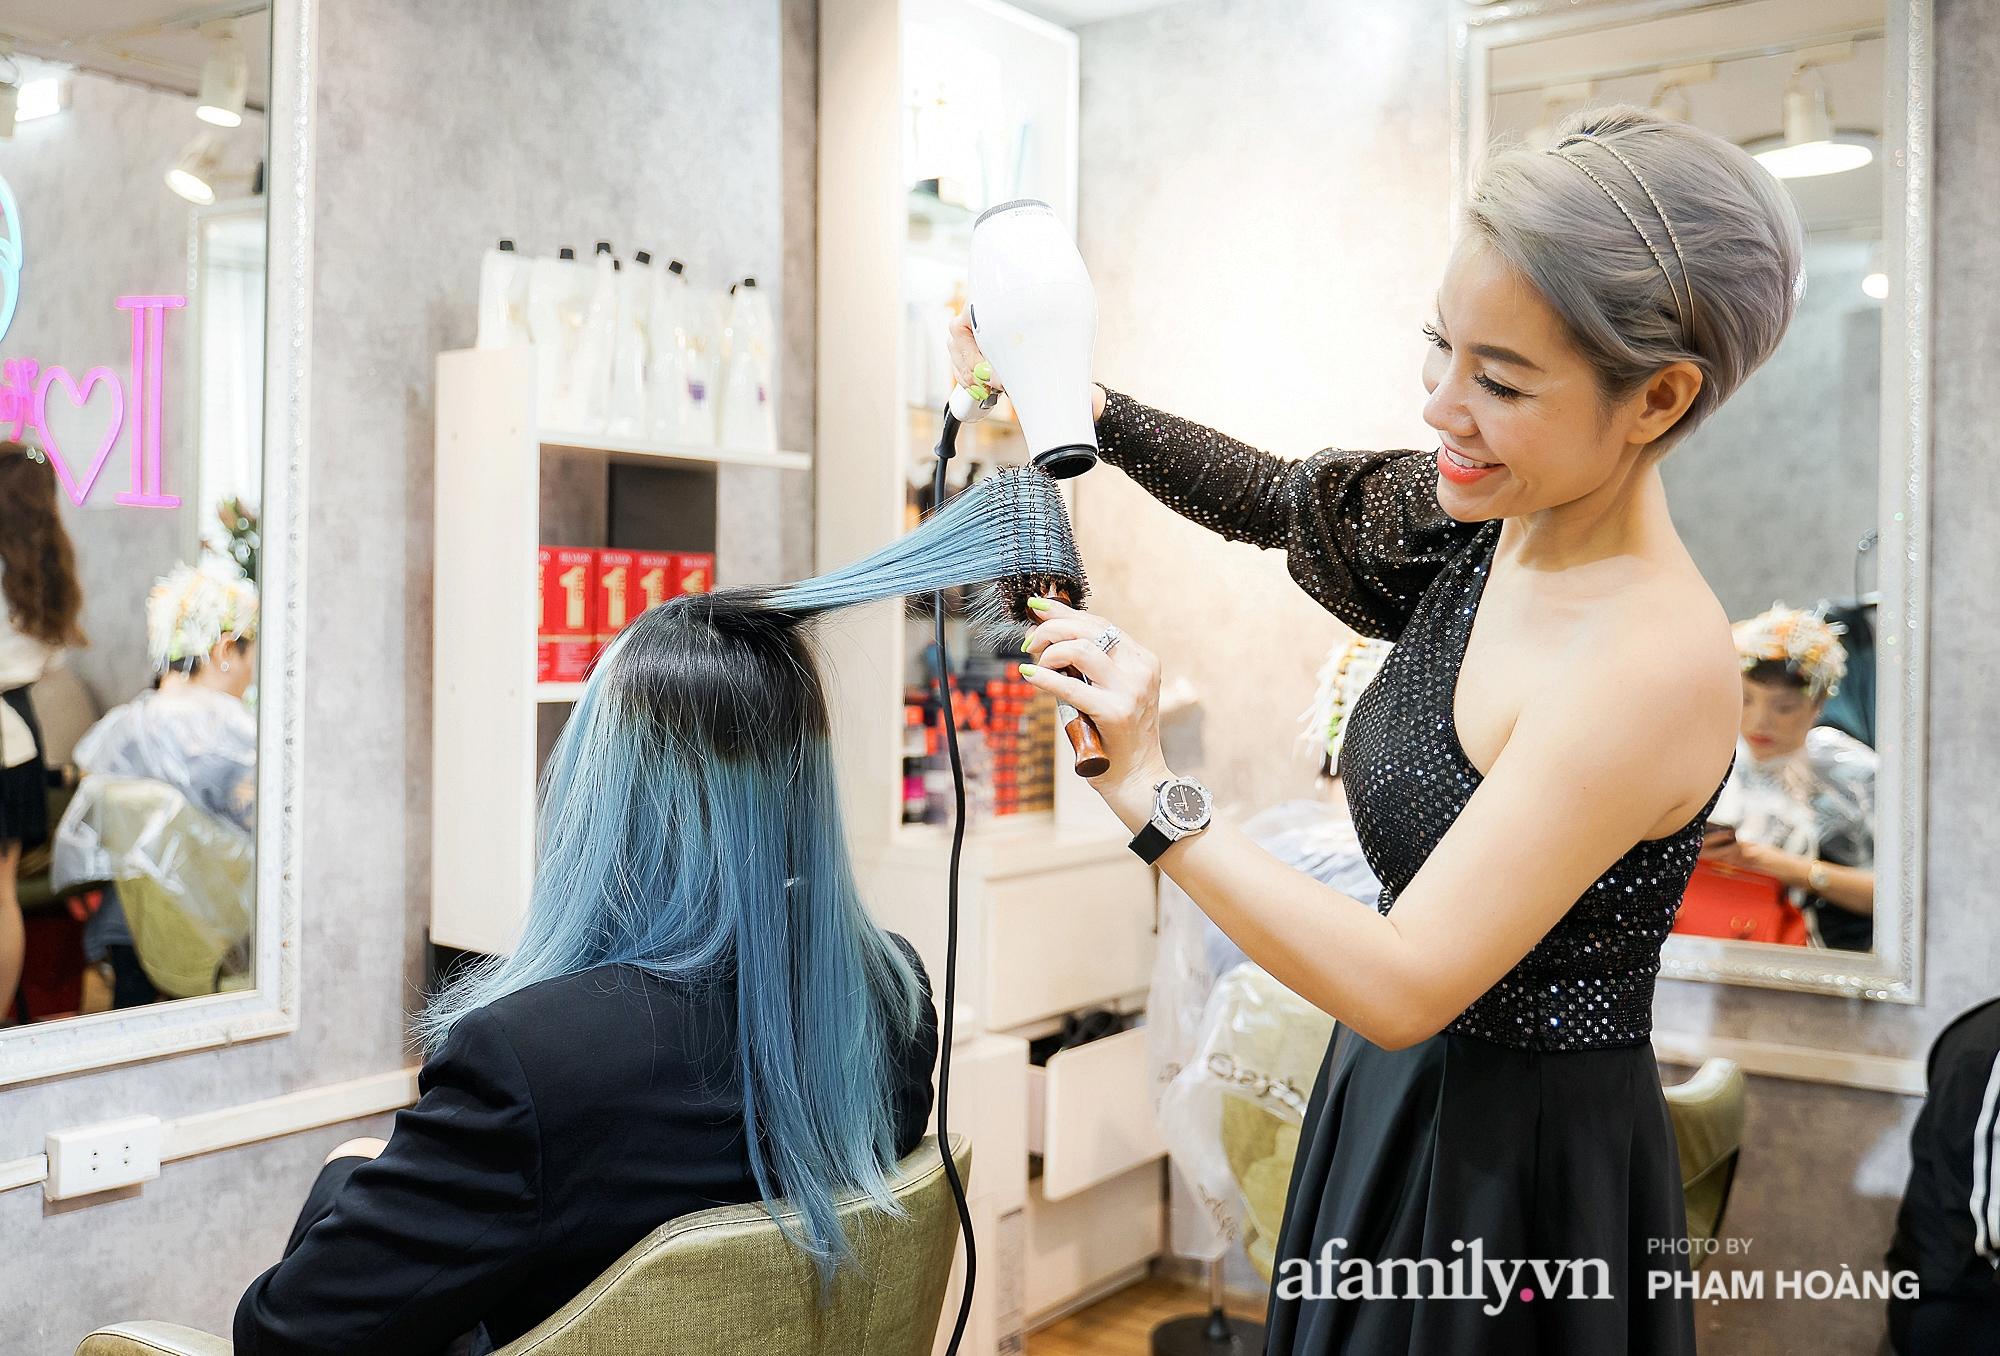 """Hair stylist """"ruột"""" của ca sĩ Bằng Kiều chỉ ra loạt lỗi sai khiến chị em tự làm hỏng tóc tẩy, hướng dẫn cách chăm tóc bóng đẹp mùa hè chỉ với 1,5 triệu đồng - Ảnh 2."""